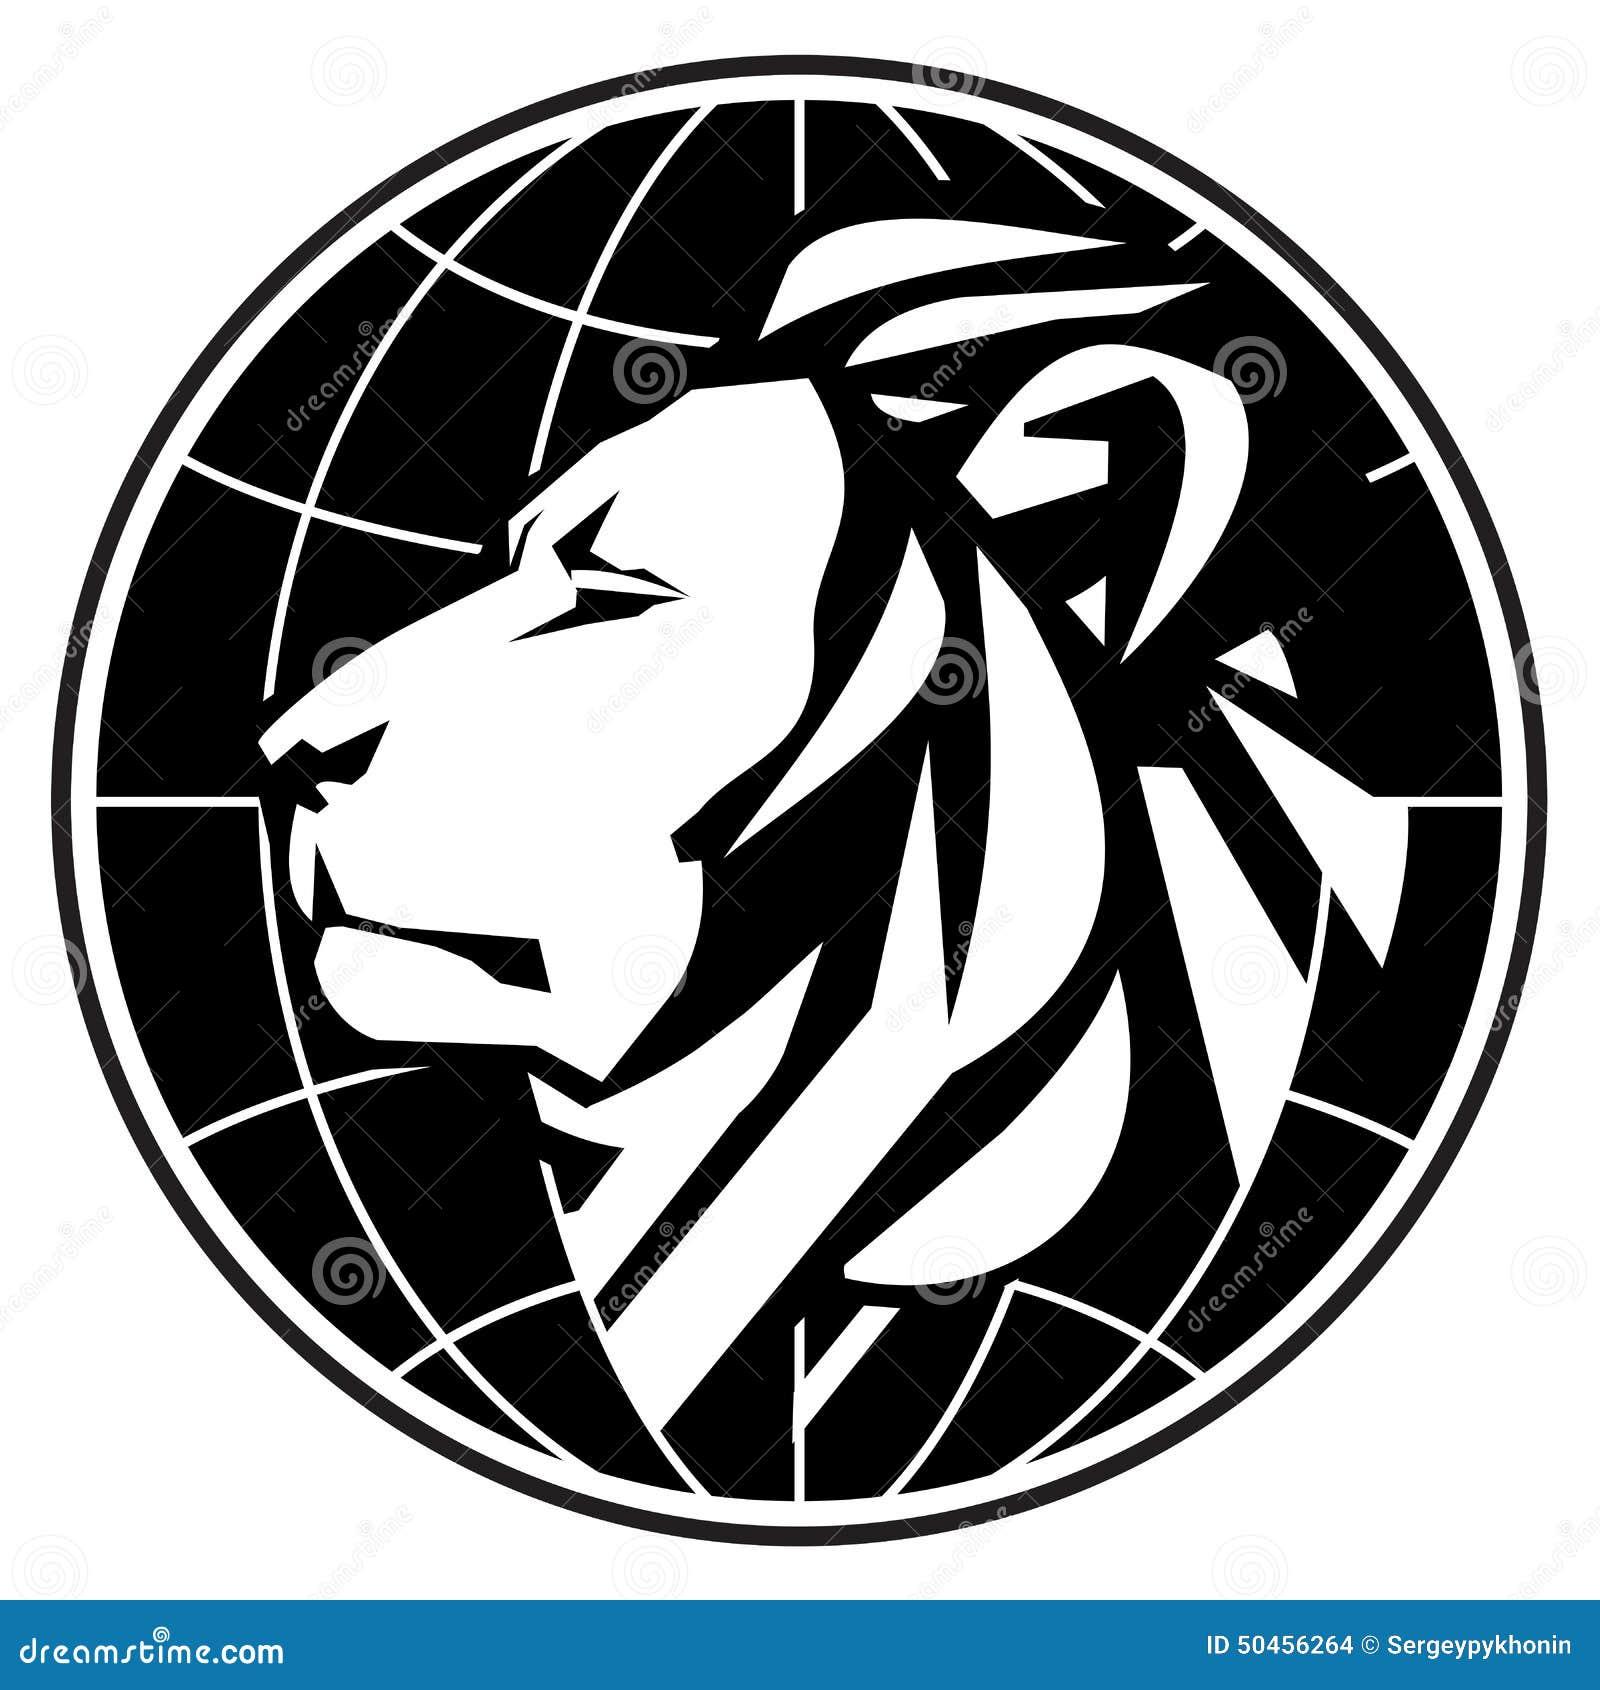 Business logo vectors 5184 free vectors